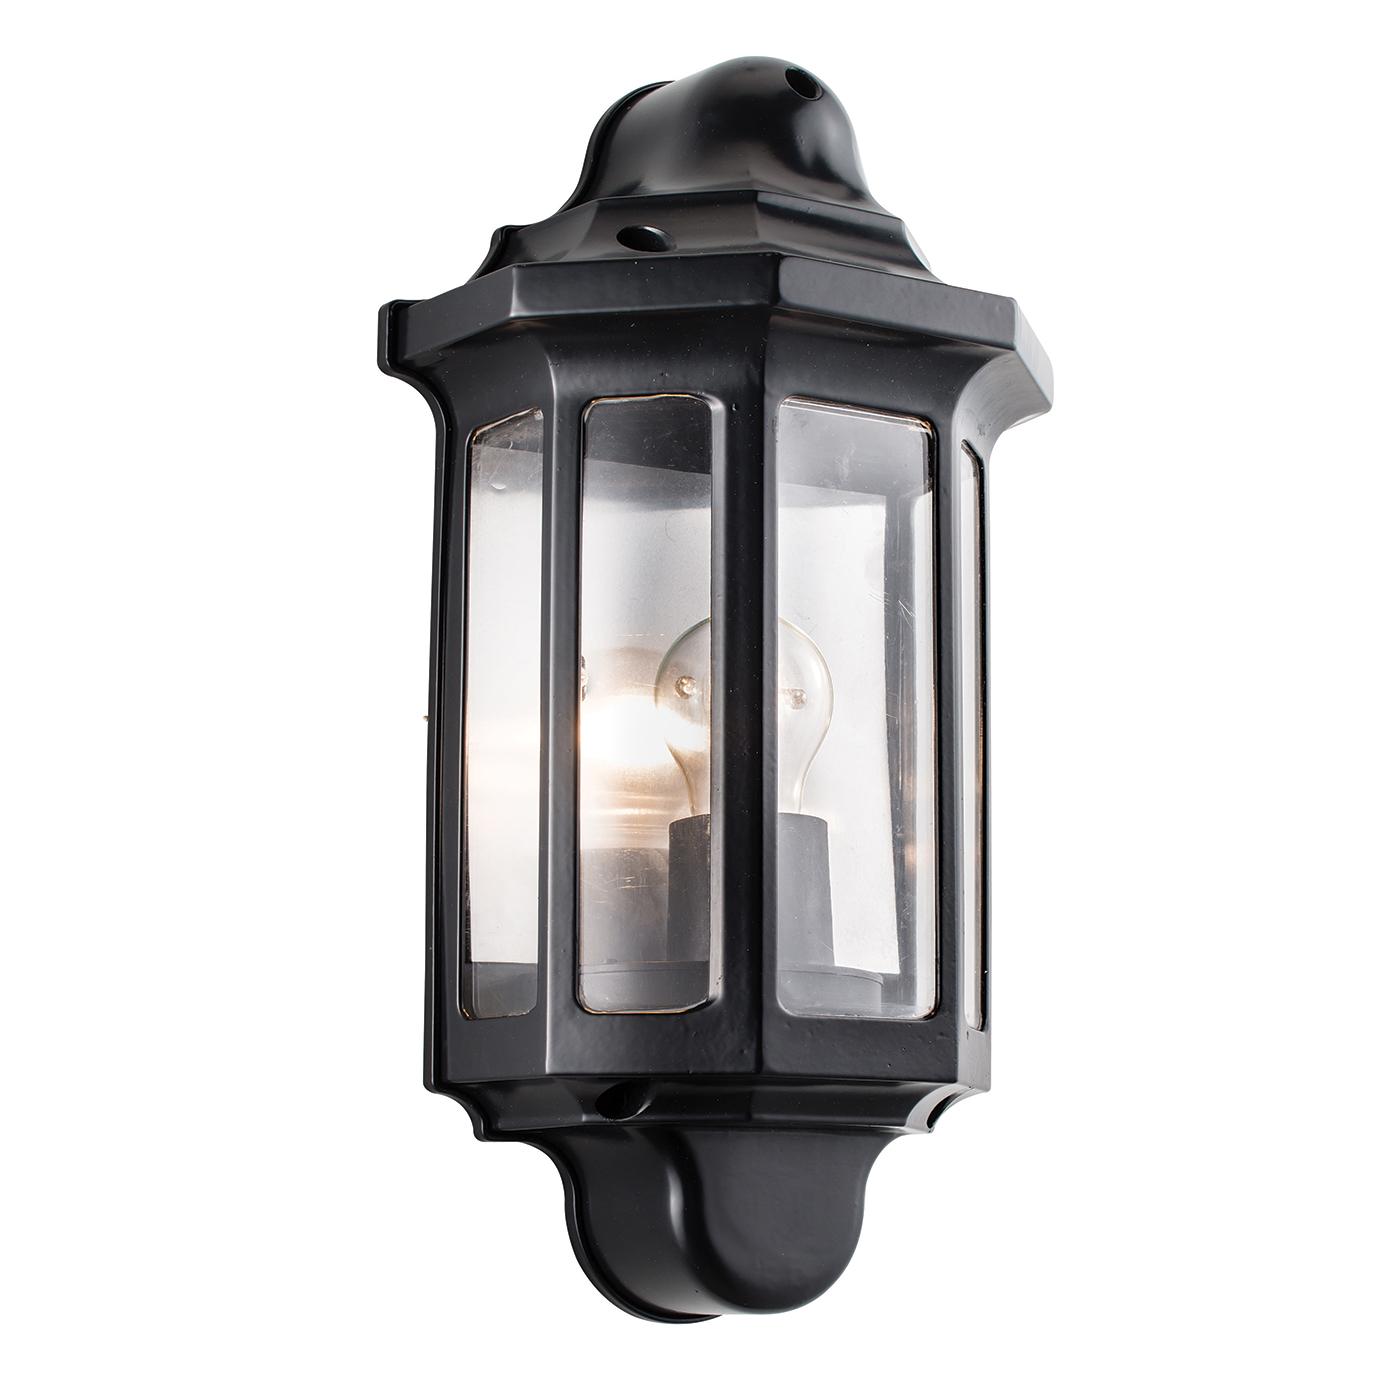 Endon Traditionnel Demi Lanterne Extérieur Porche mur lumière IP44 60 W peinture noire pc